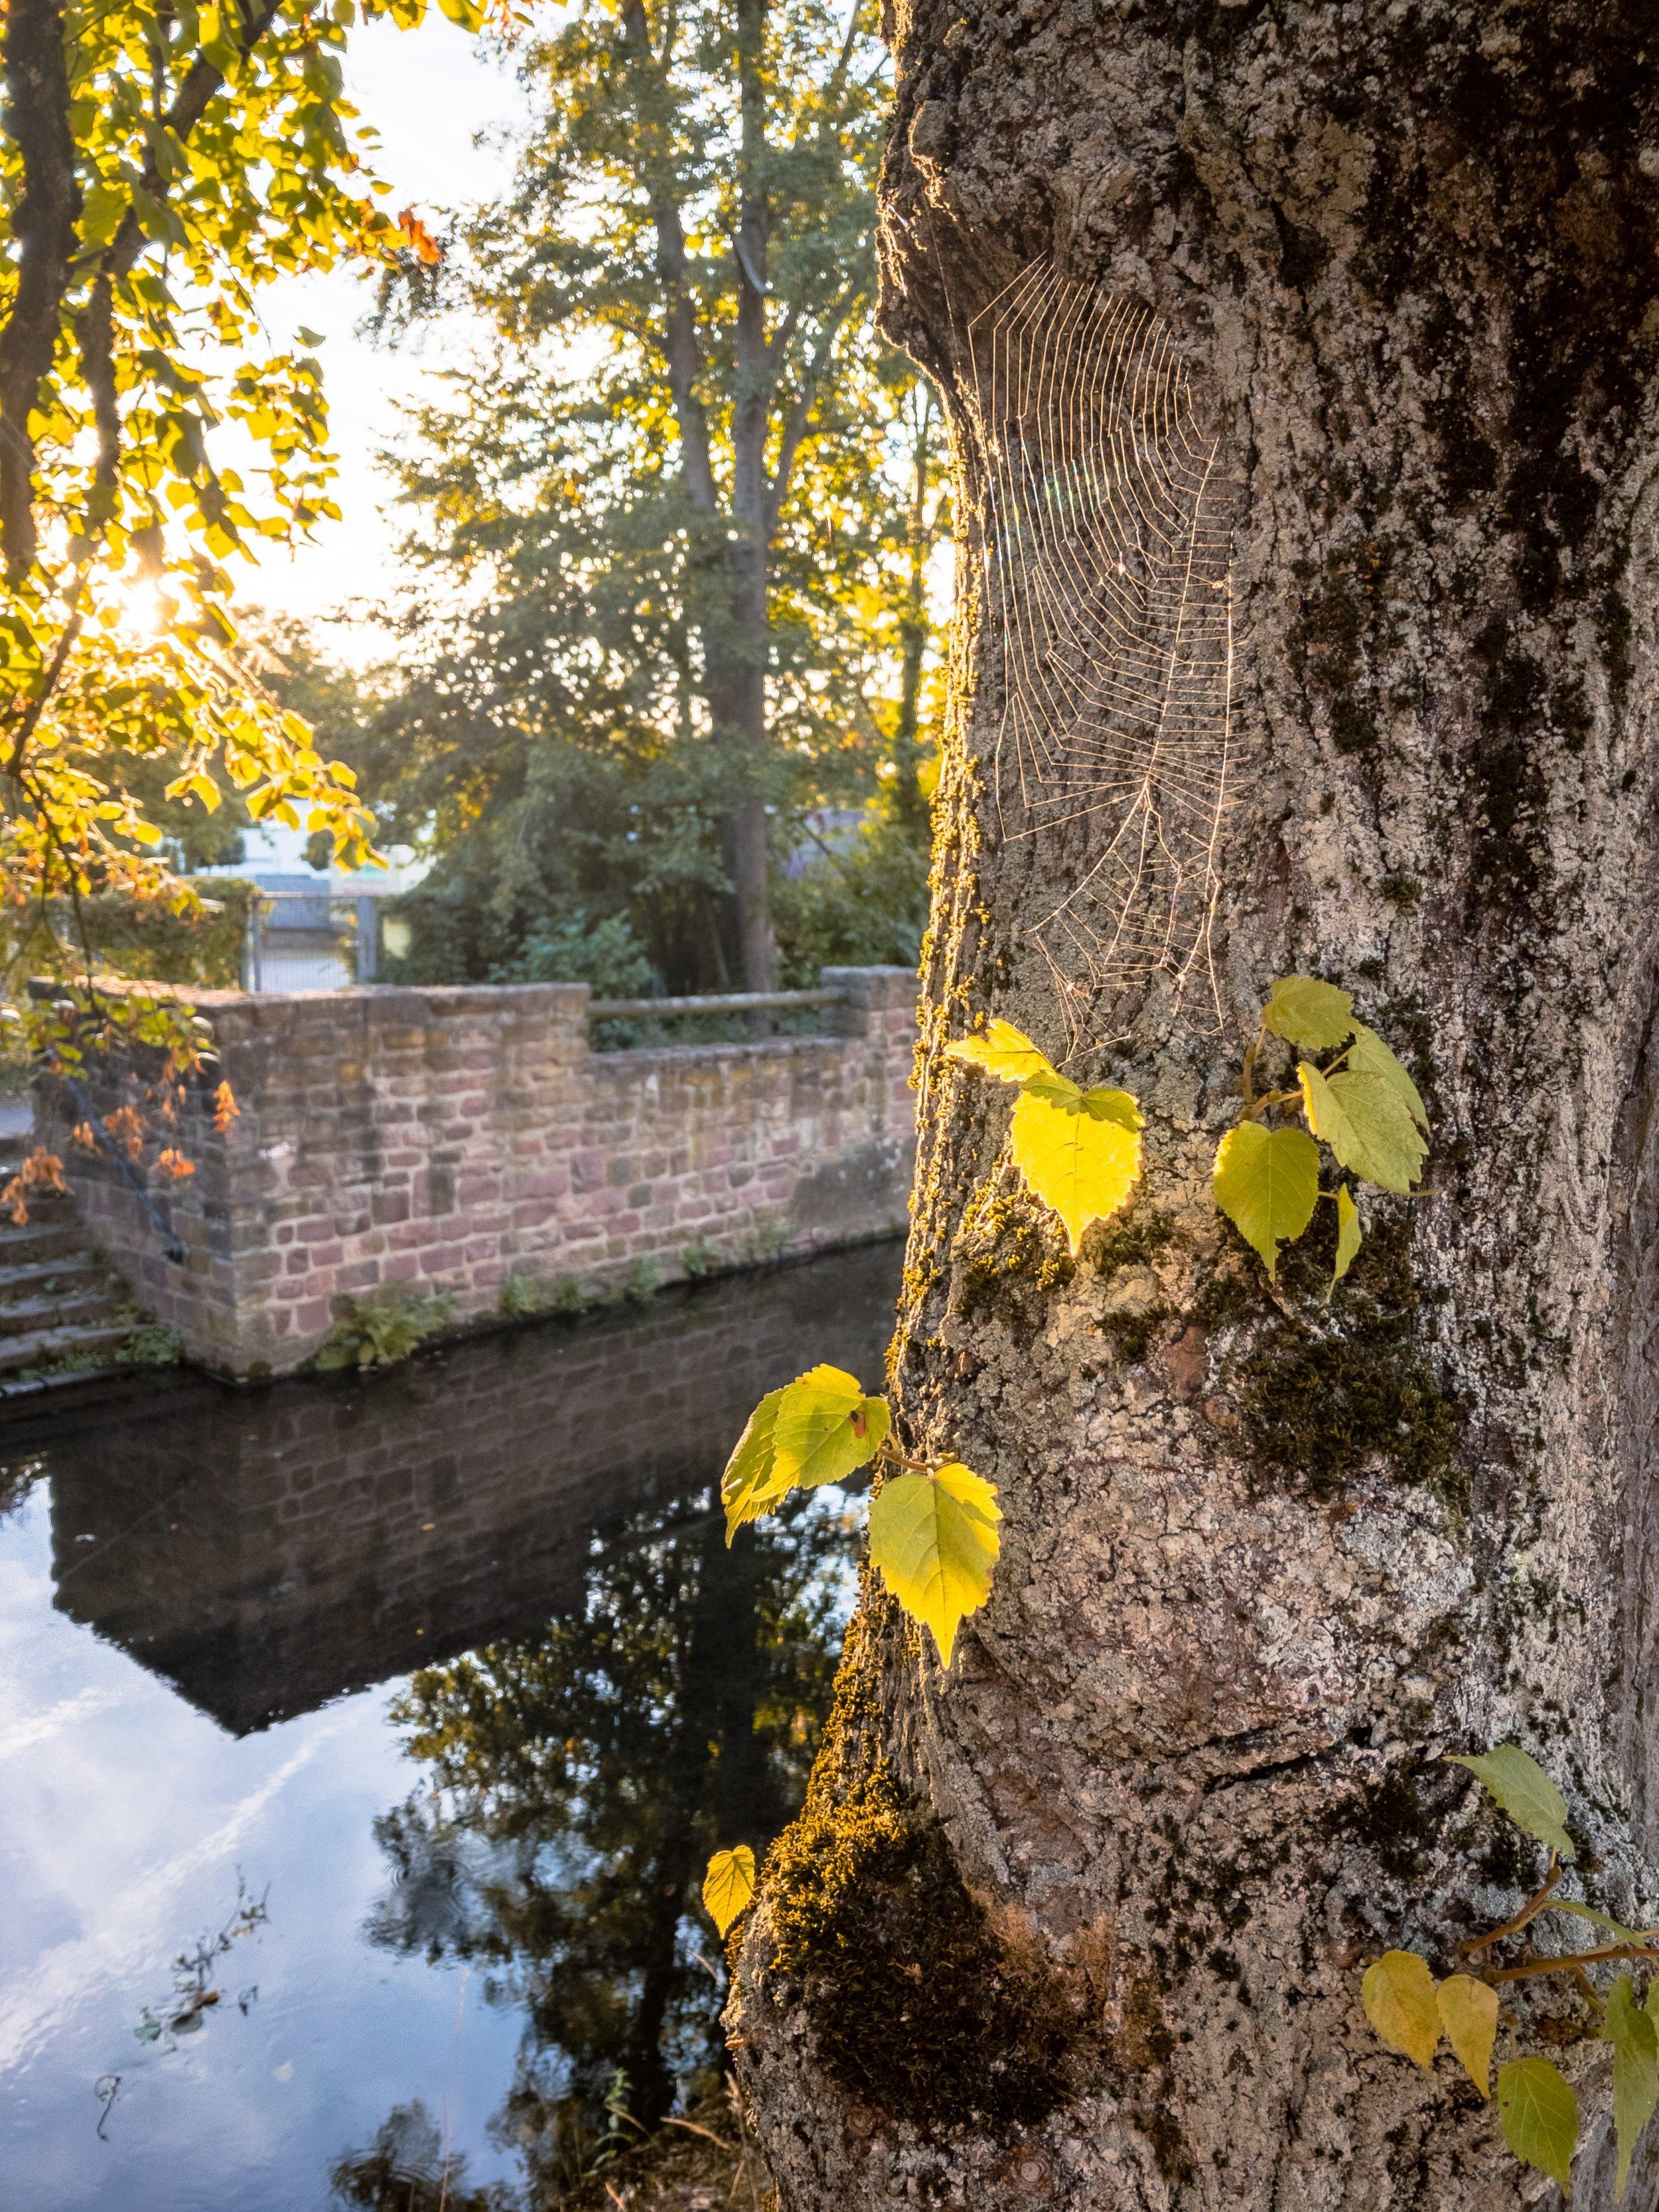 APC_0308-hdr - Herbst ShotoniPhone Autumn Blätter Leaves Sun Sonne Light Threes Licht Bäume Baum Stadt Osnabrück.jpg